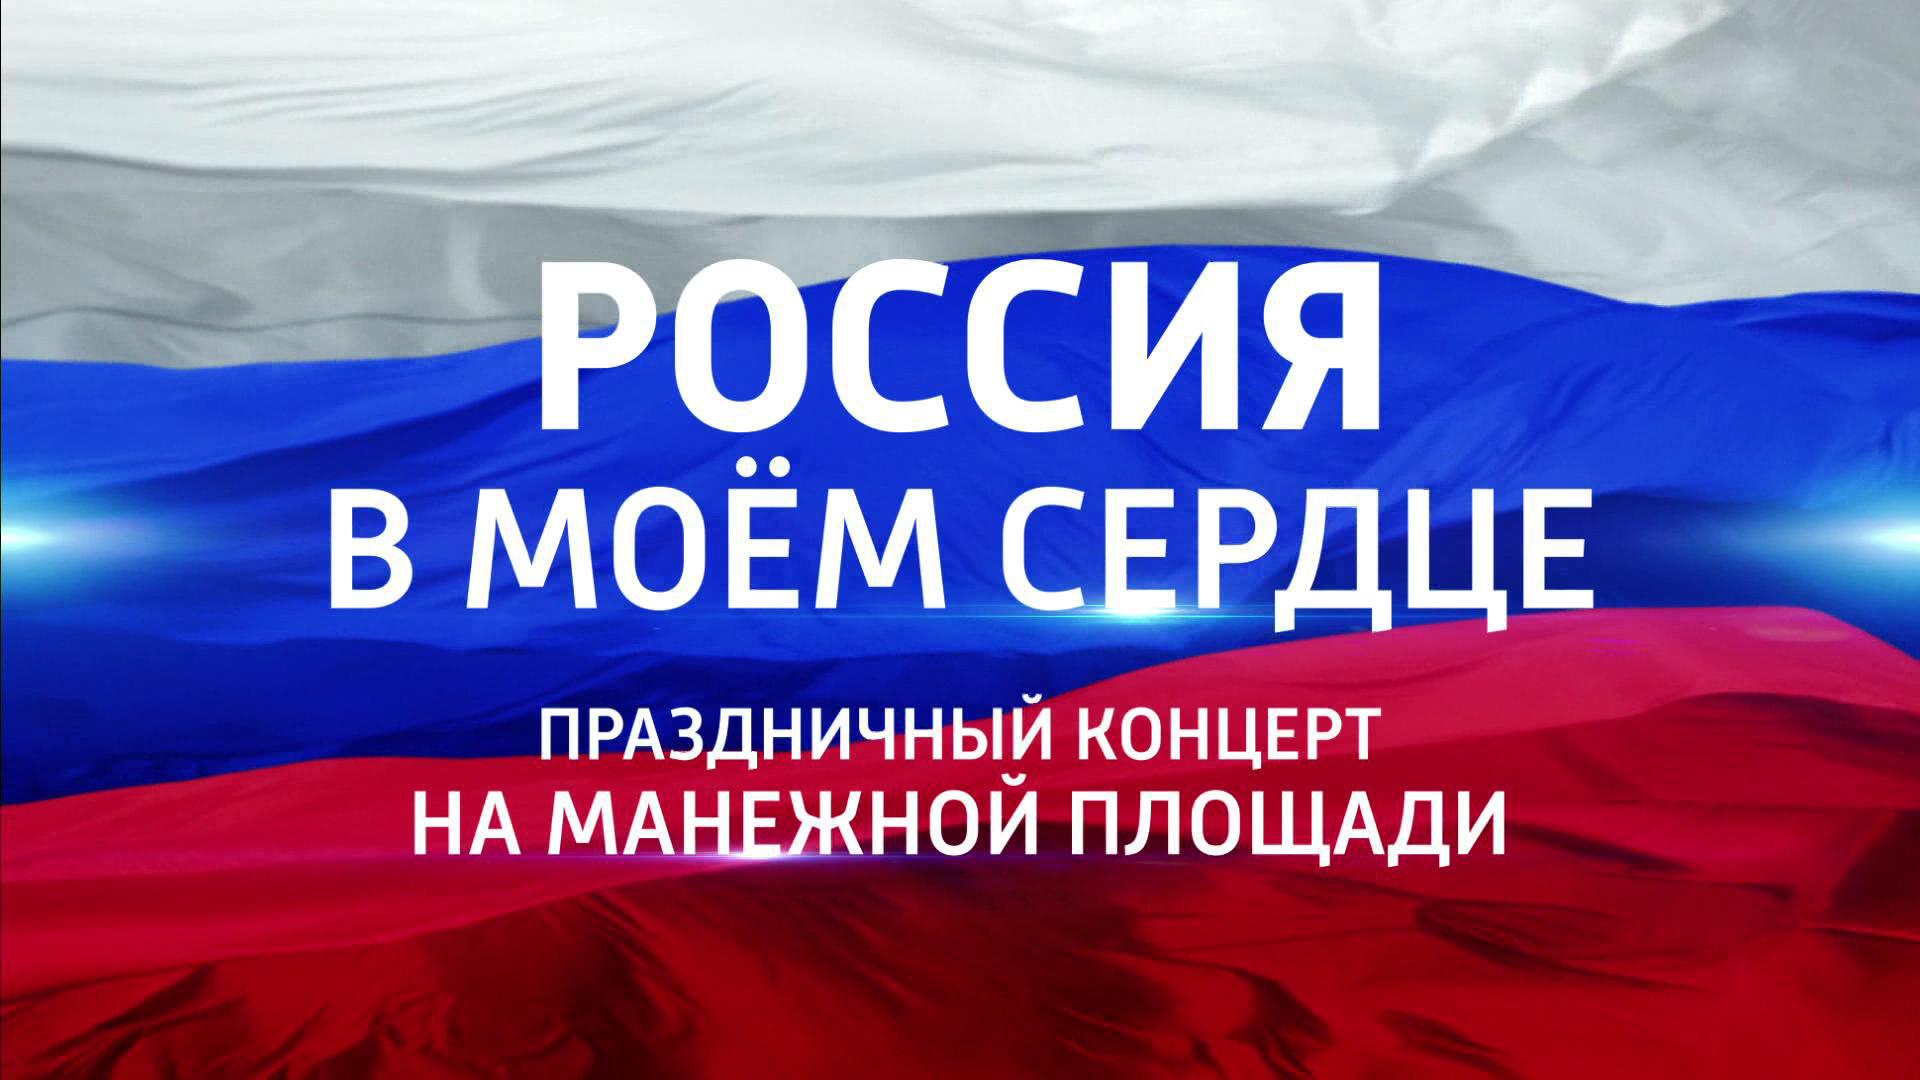 """""""Россия в моем сердце"""". Праздничный концерт"""